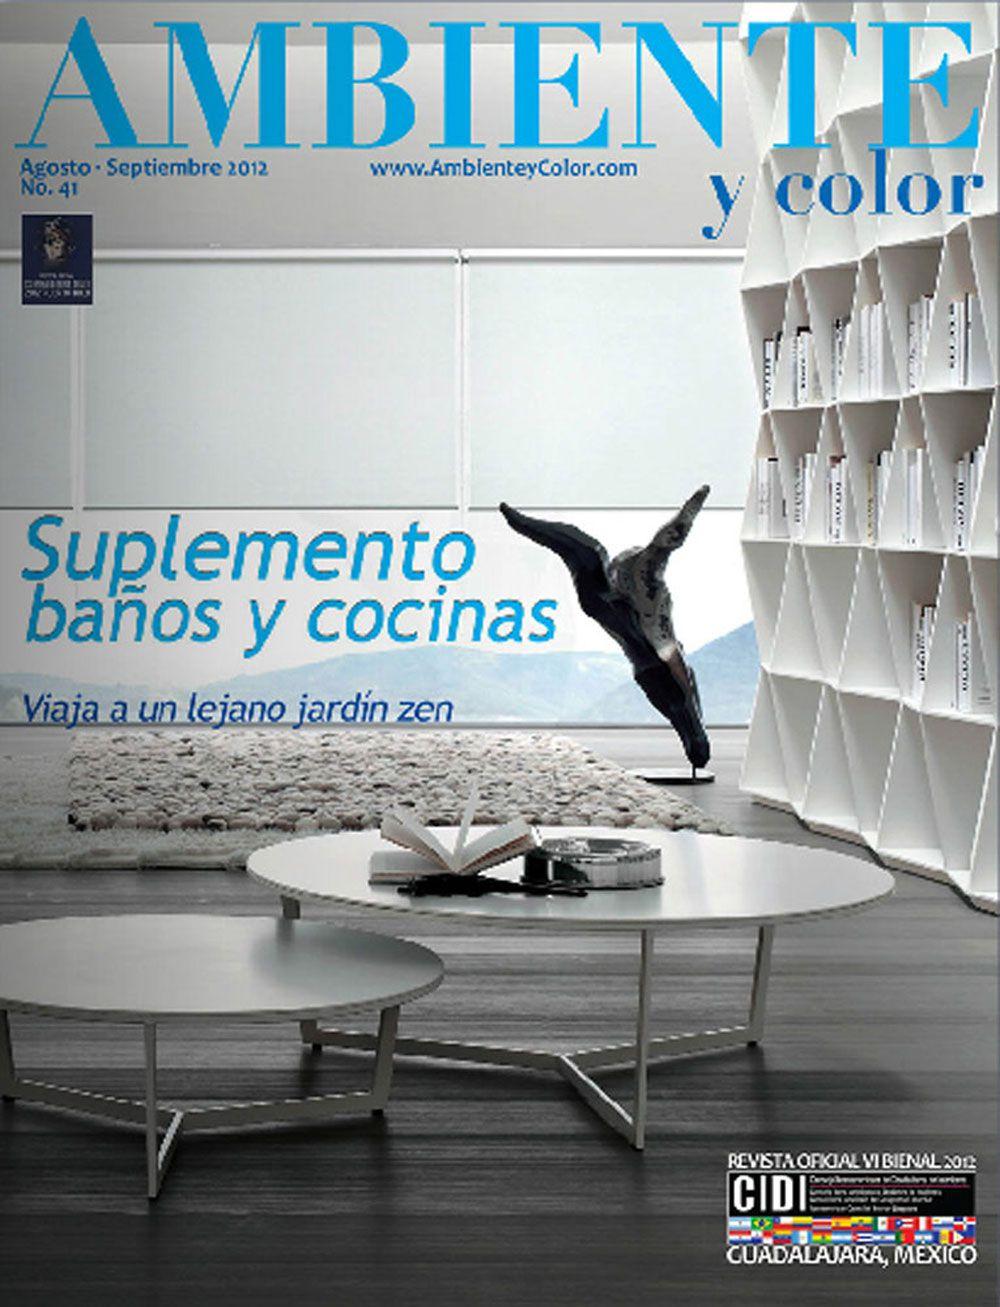 1_Portada_Ambientes-y-color-1